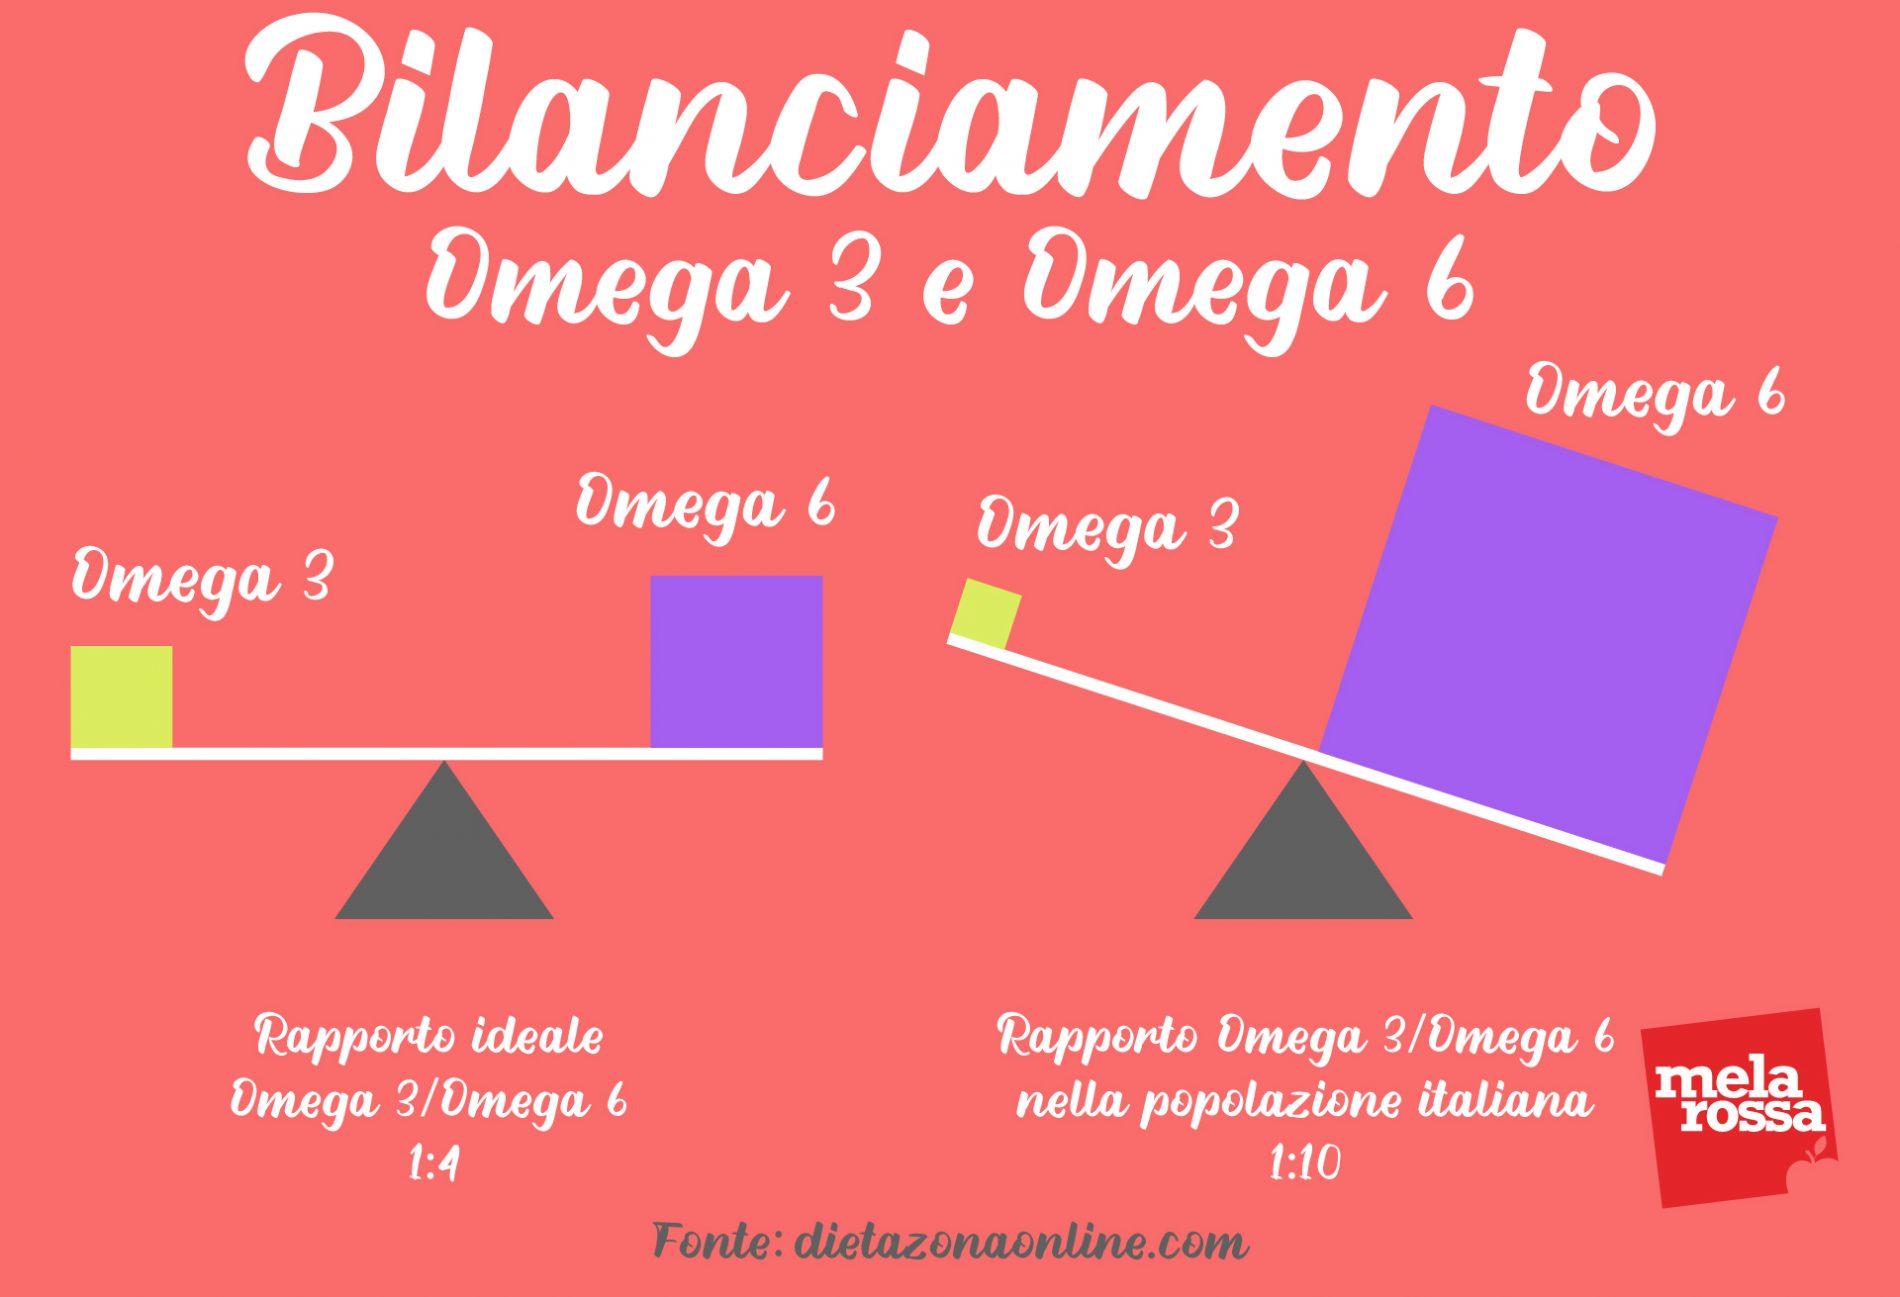 omega 3 e omega 6 bilanciamento